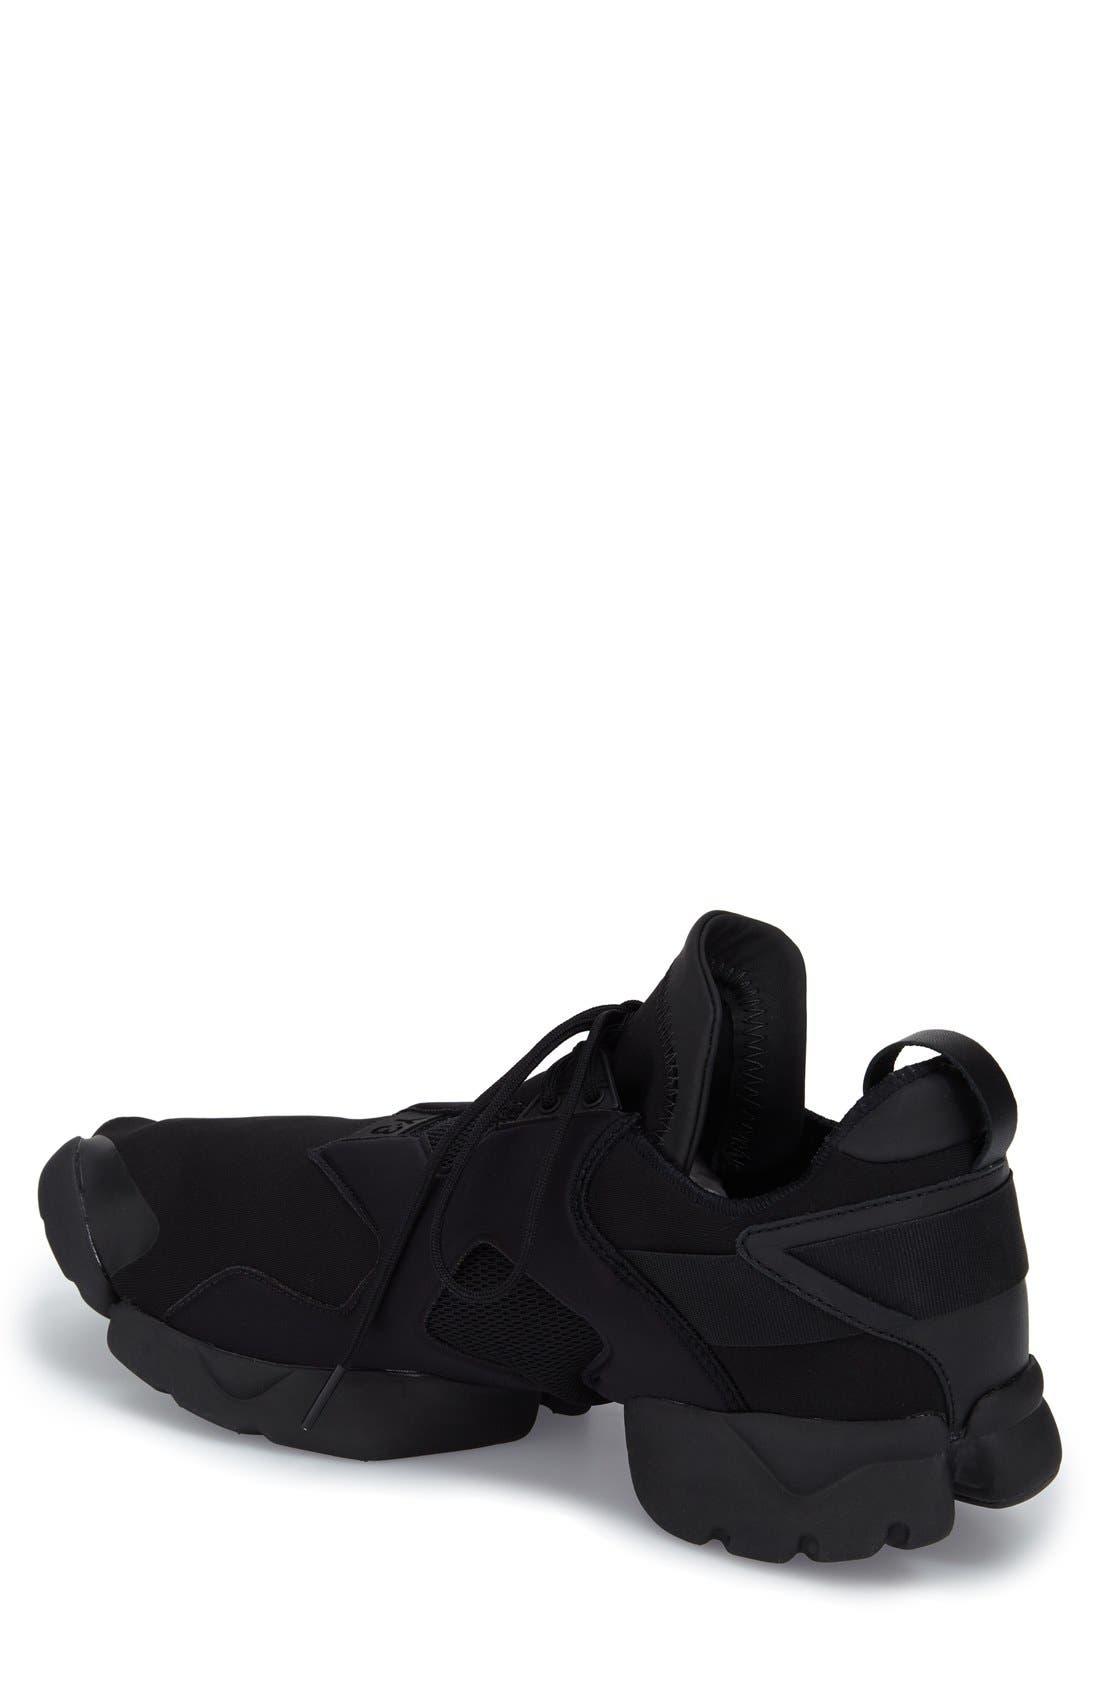 Alternate Image 2  - Y-3 'Kohna' Low-Top Sneaker (Men)